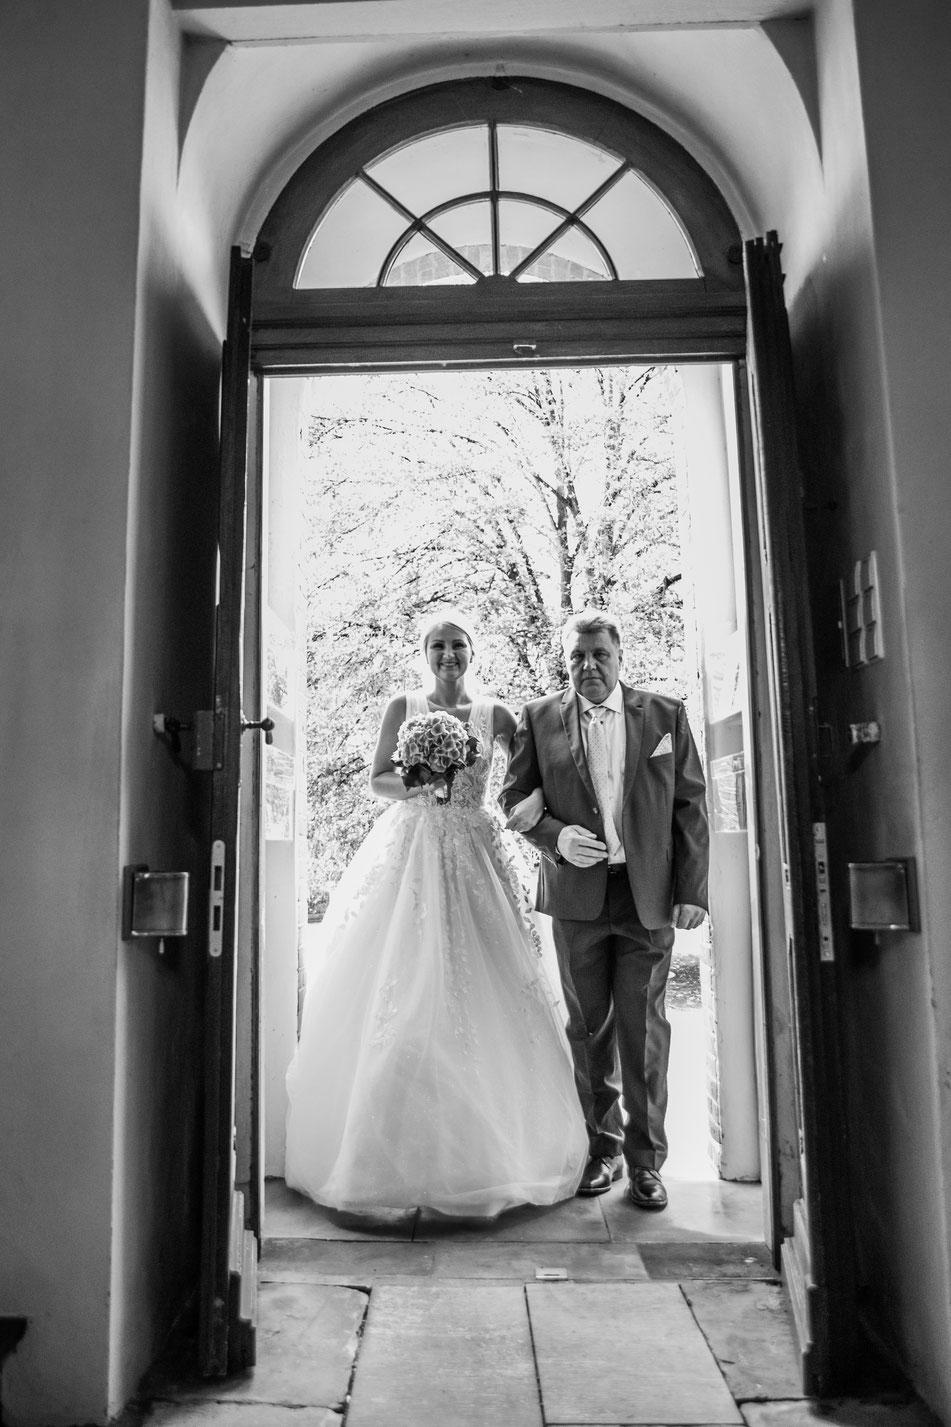 Die Braut wird von Ihrem Vater in die Kirche begleitet